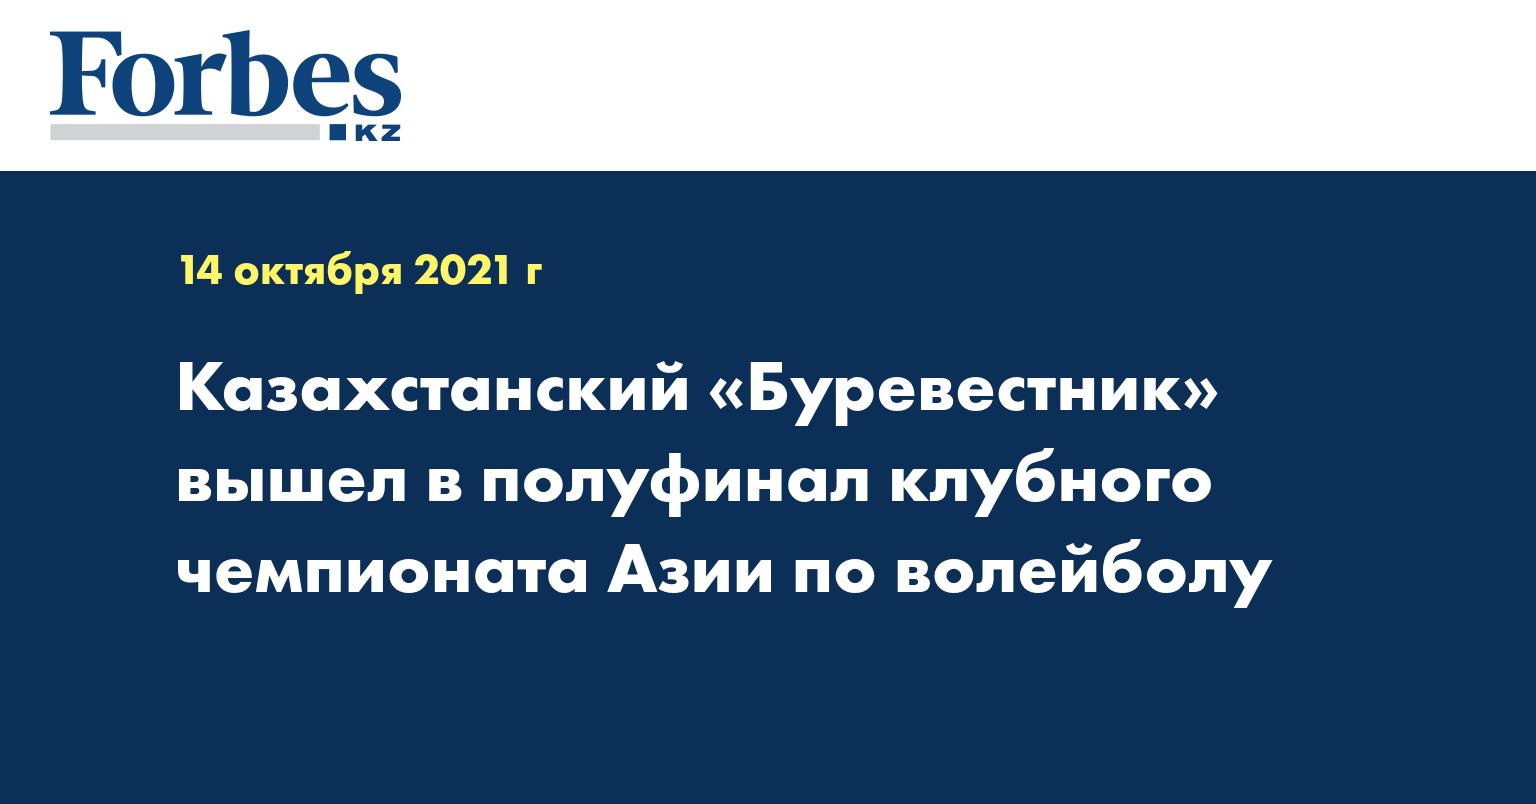 Казахстанский «Буревестник» вышел в полуфинал клубного чемпионата Азии по волейболу